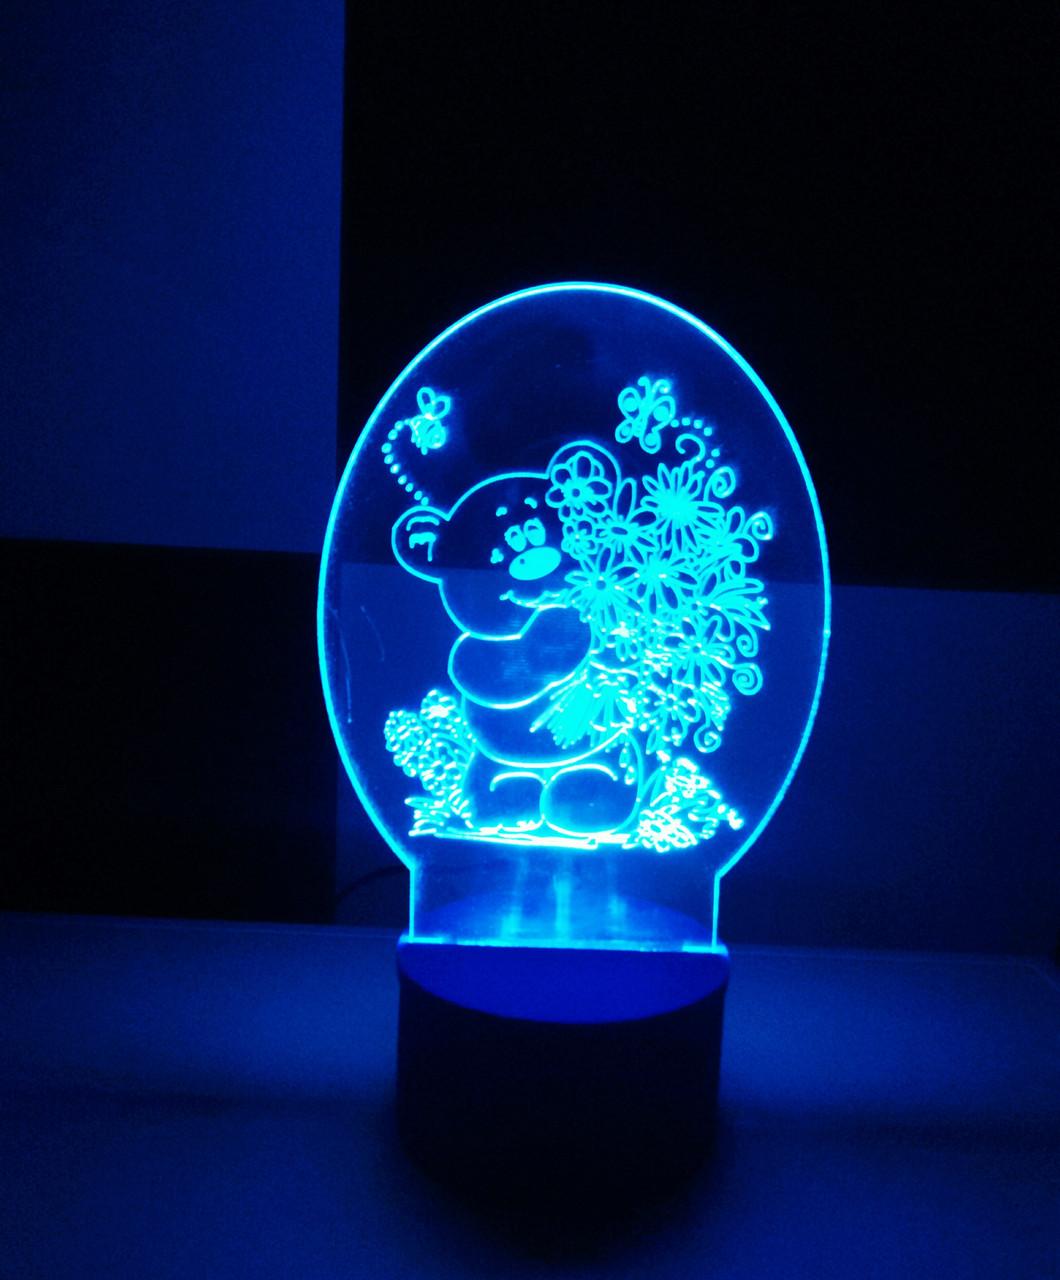 3d-светильник Мишка с цветами, 3д-ночник, несколько подсветок (батарейка+220В), подарок ребенку